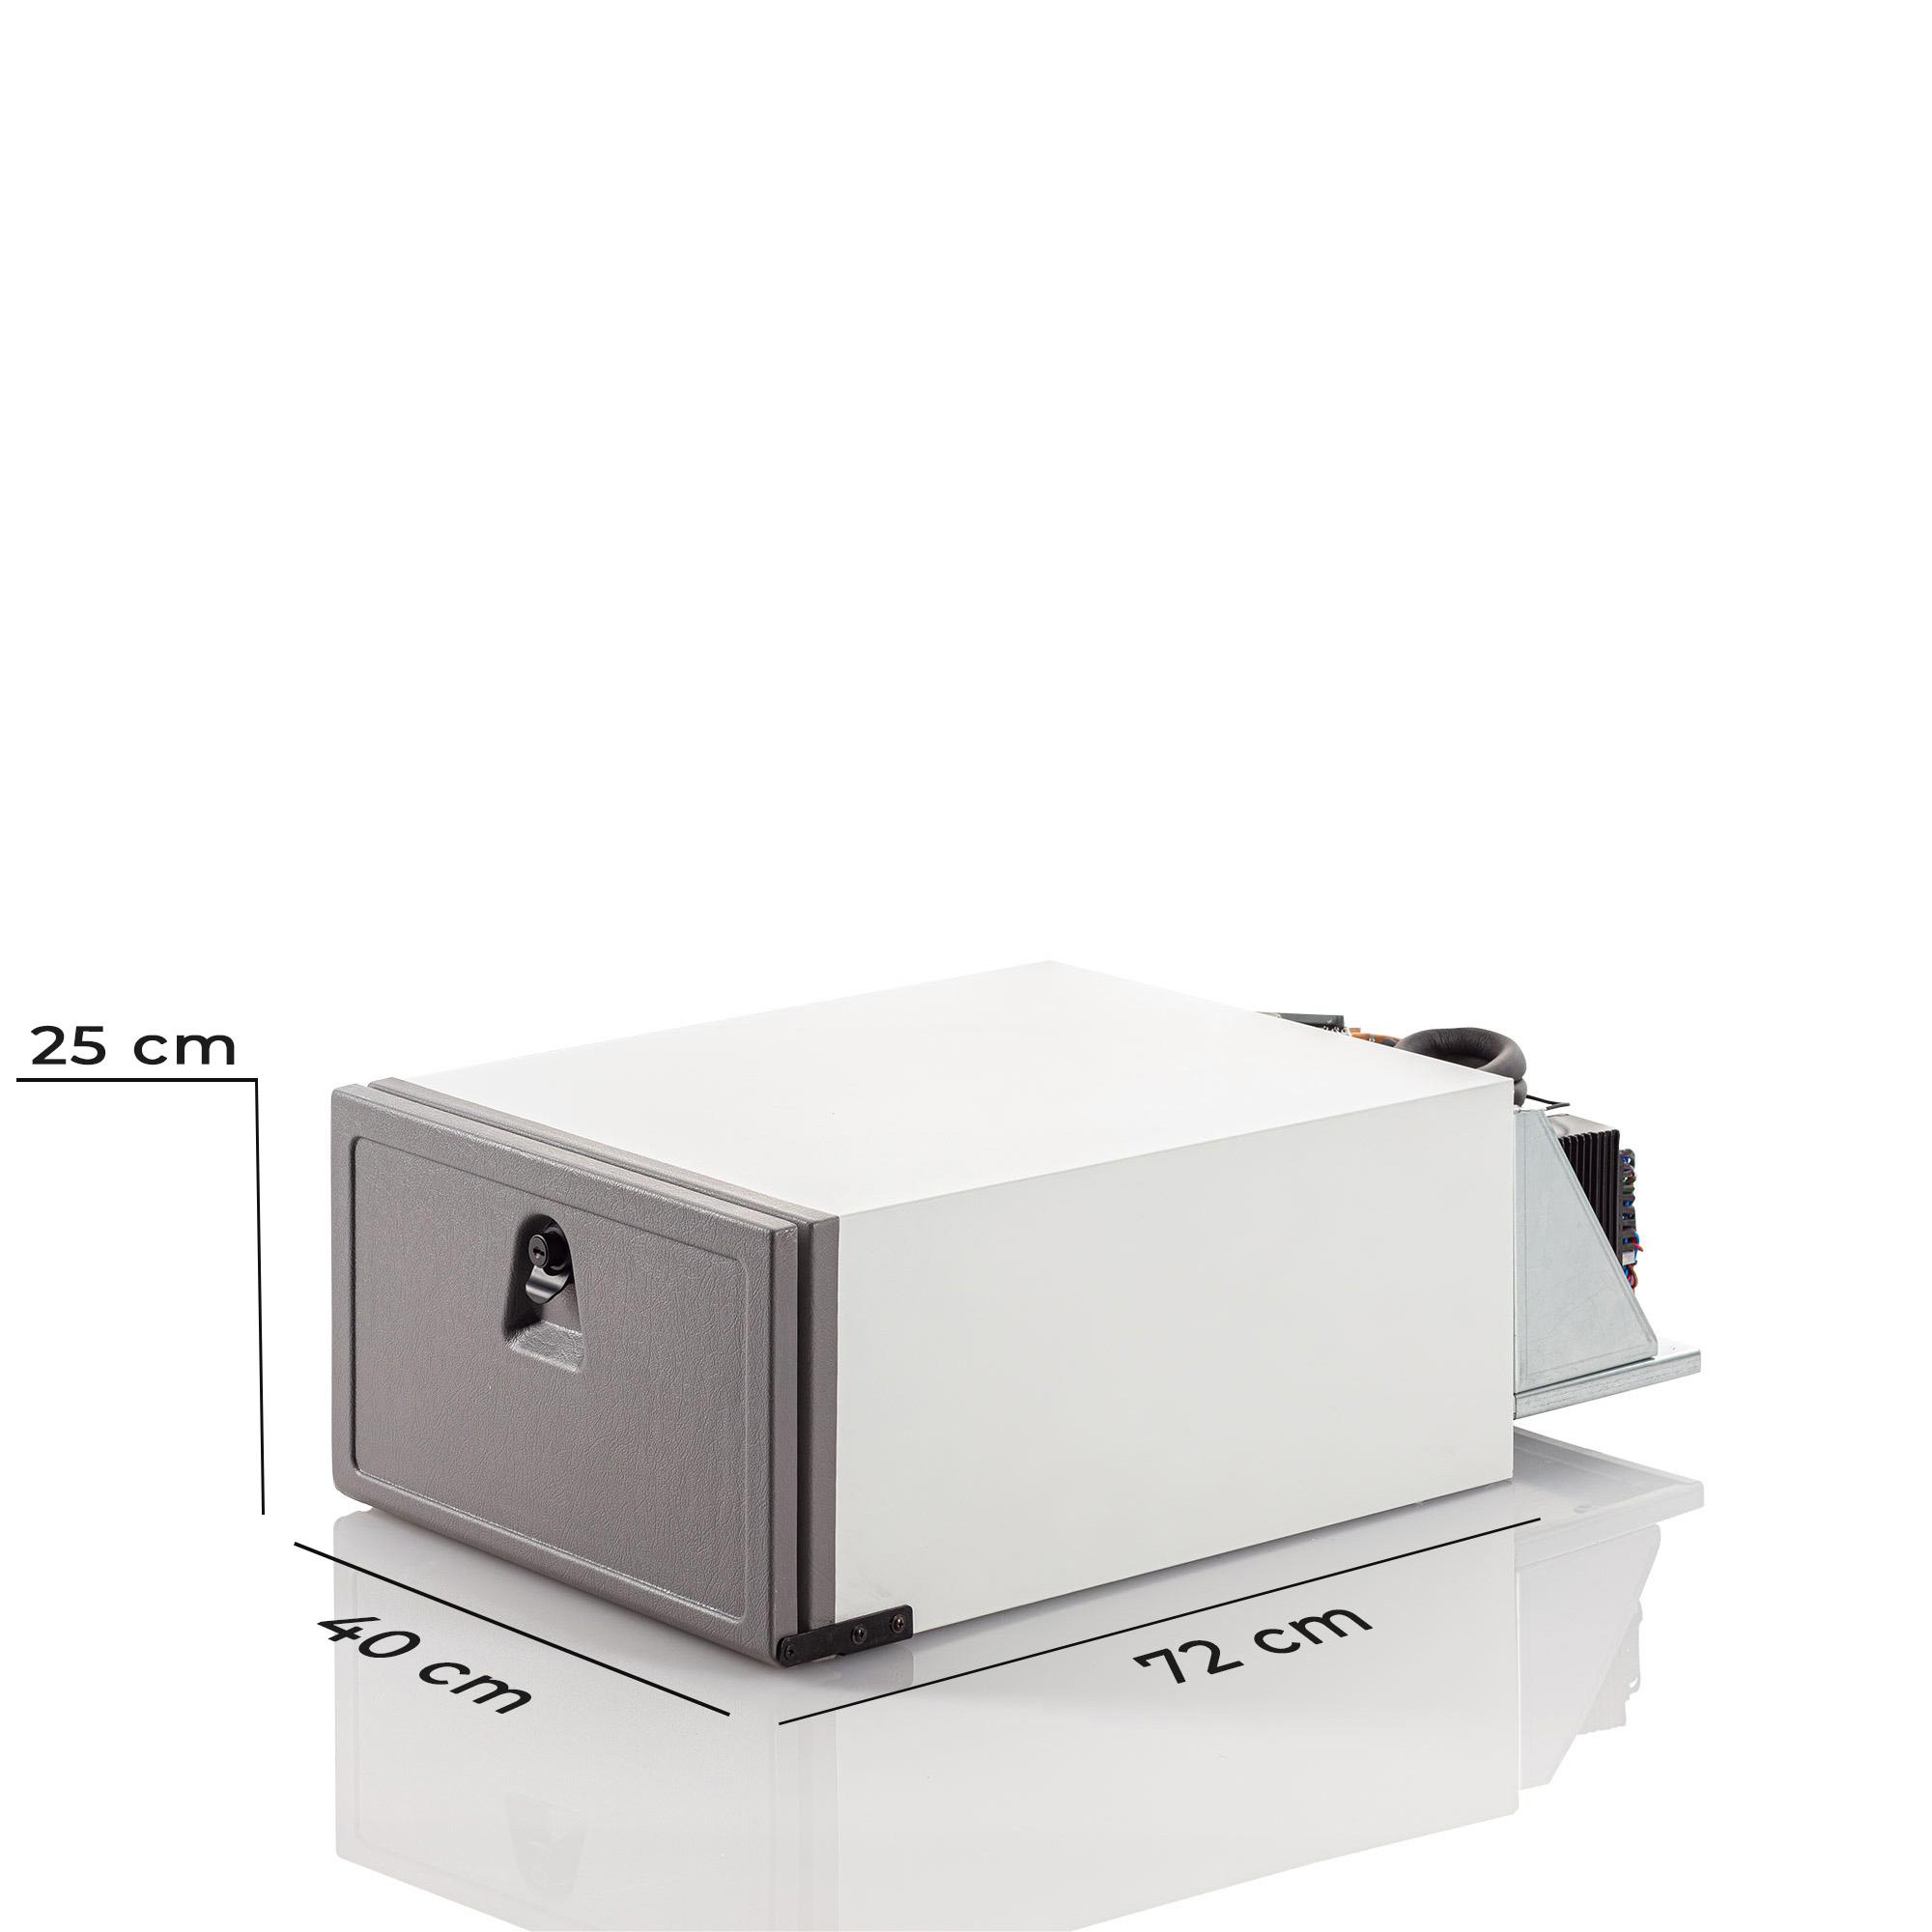 MPB 4024 28 LT Soğutucu Araç Buzdolabı